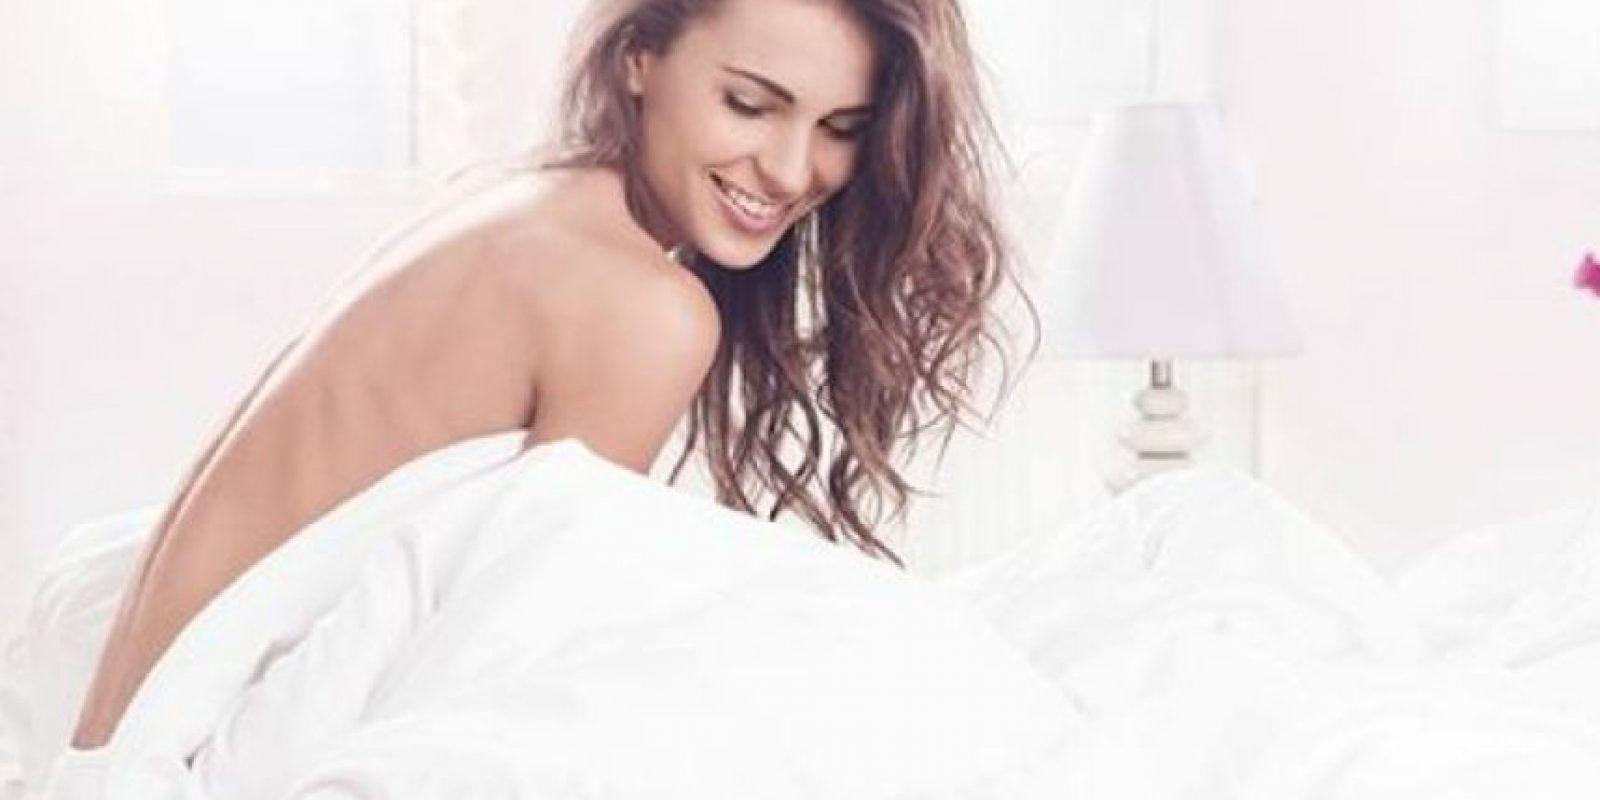 En mujeres, la masturbación puede ayudar a a prevenir infecciones cervicales y urinarias. Foto:Vía Pinterest